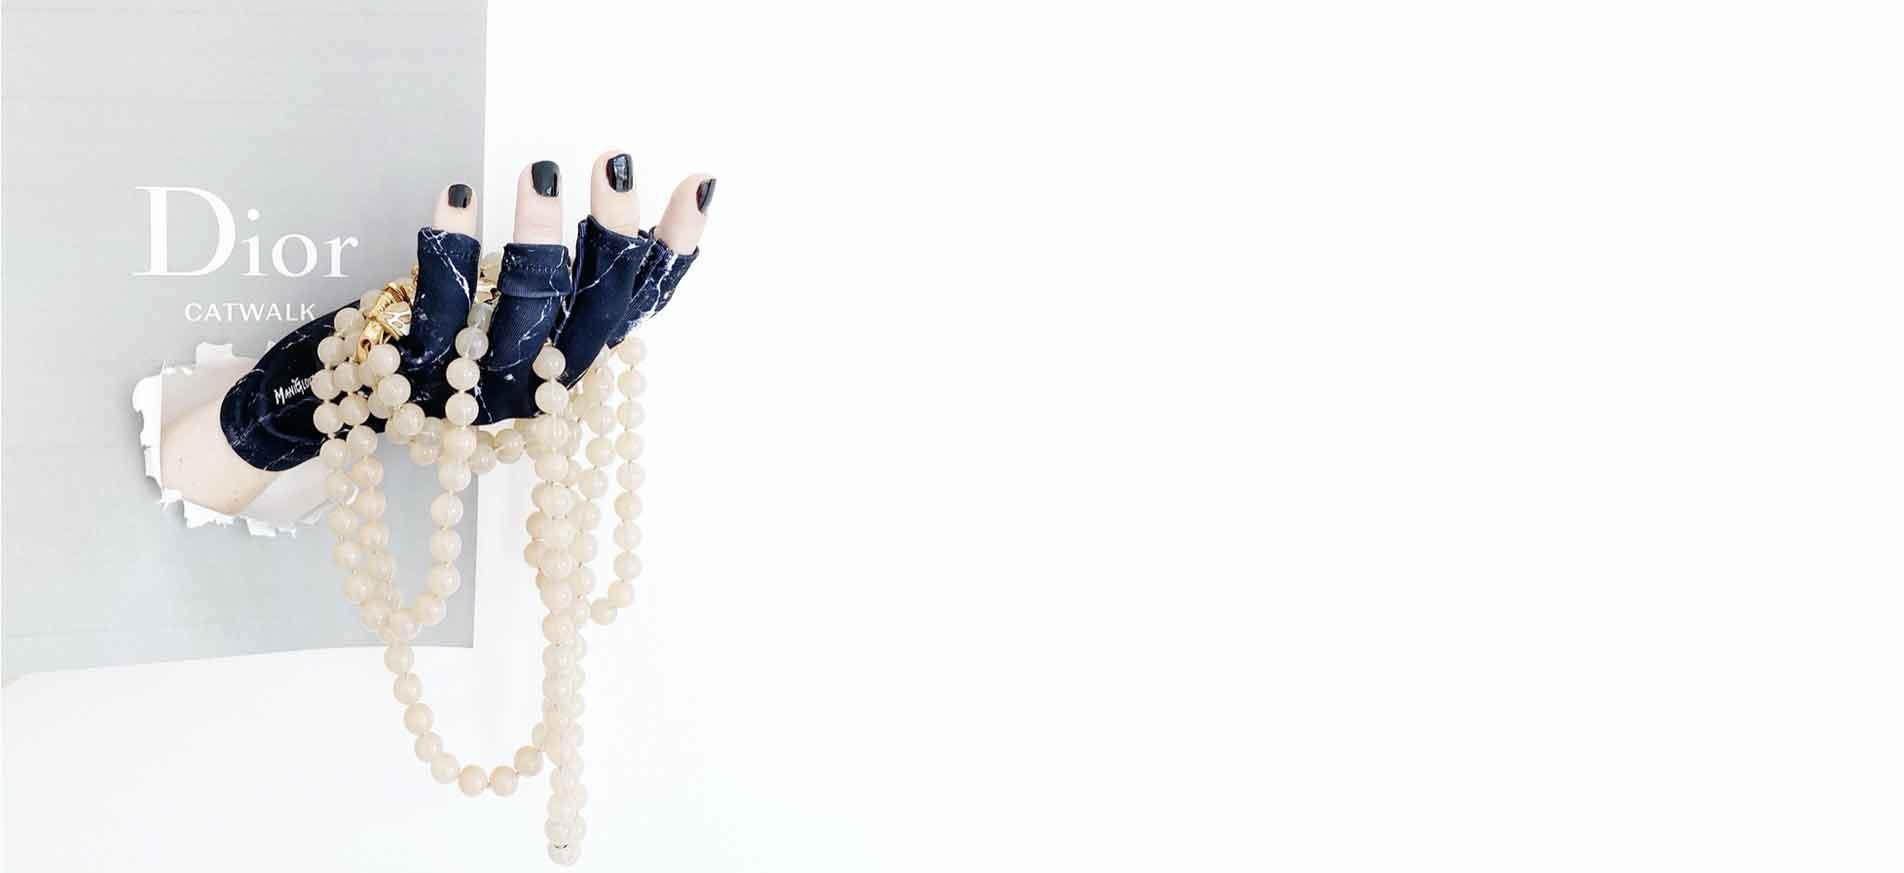 maniglovz-manicure-gloves-3